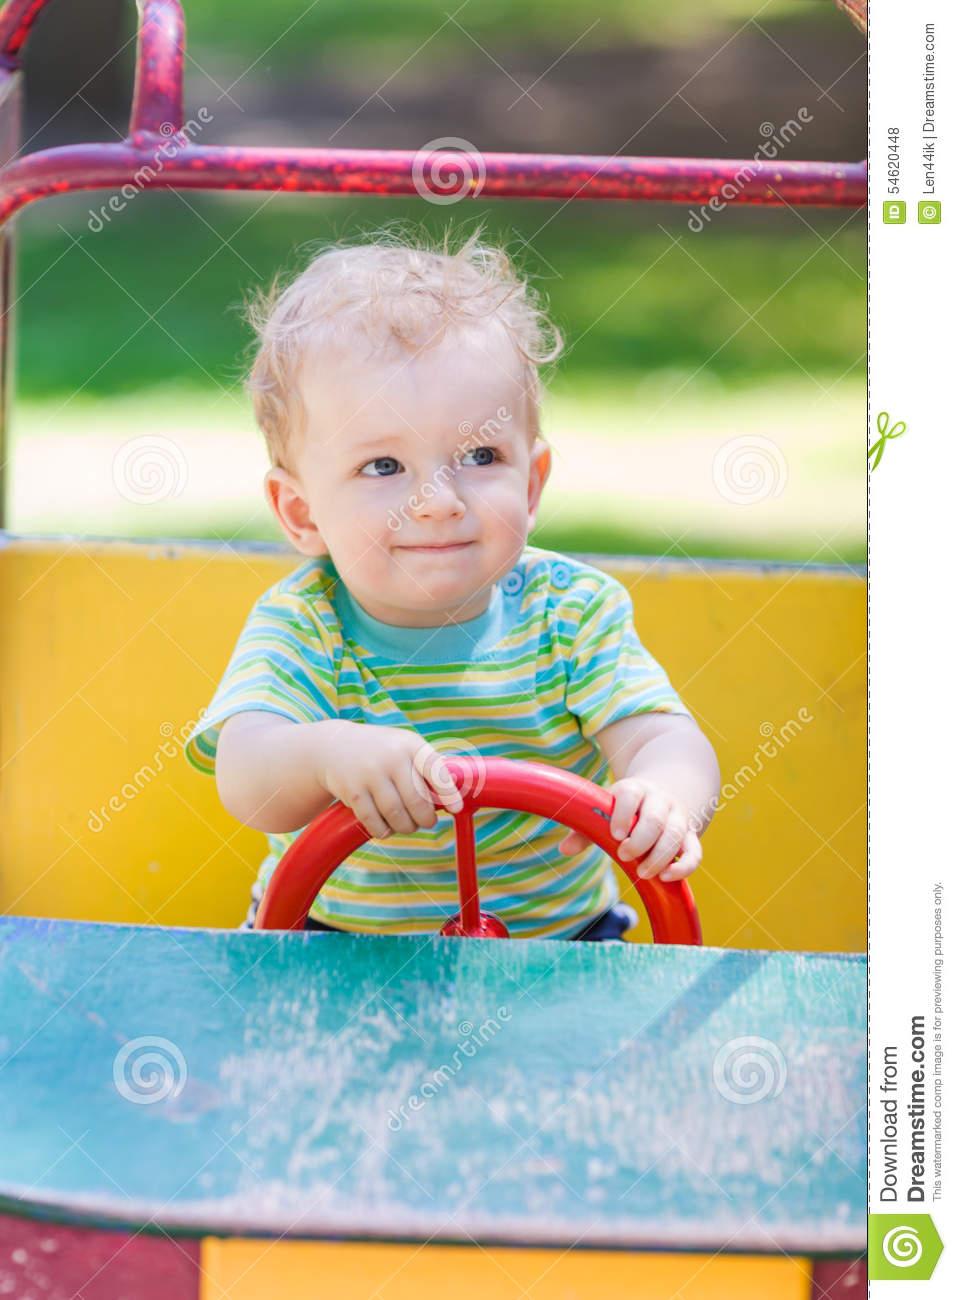 Bébé Garçon Conduisant Une Voiture De Jouet Au Terrain De concernant Jeux Voiture Bebe